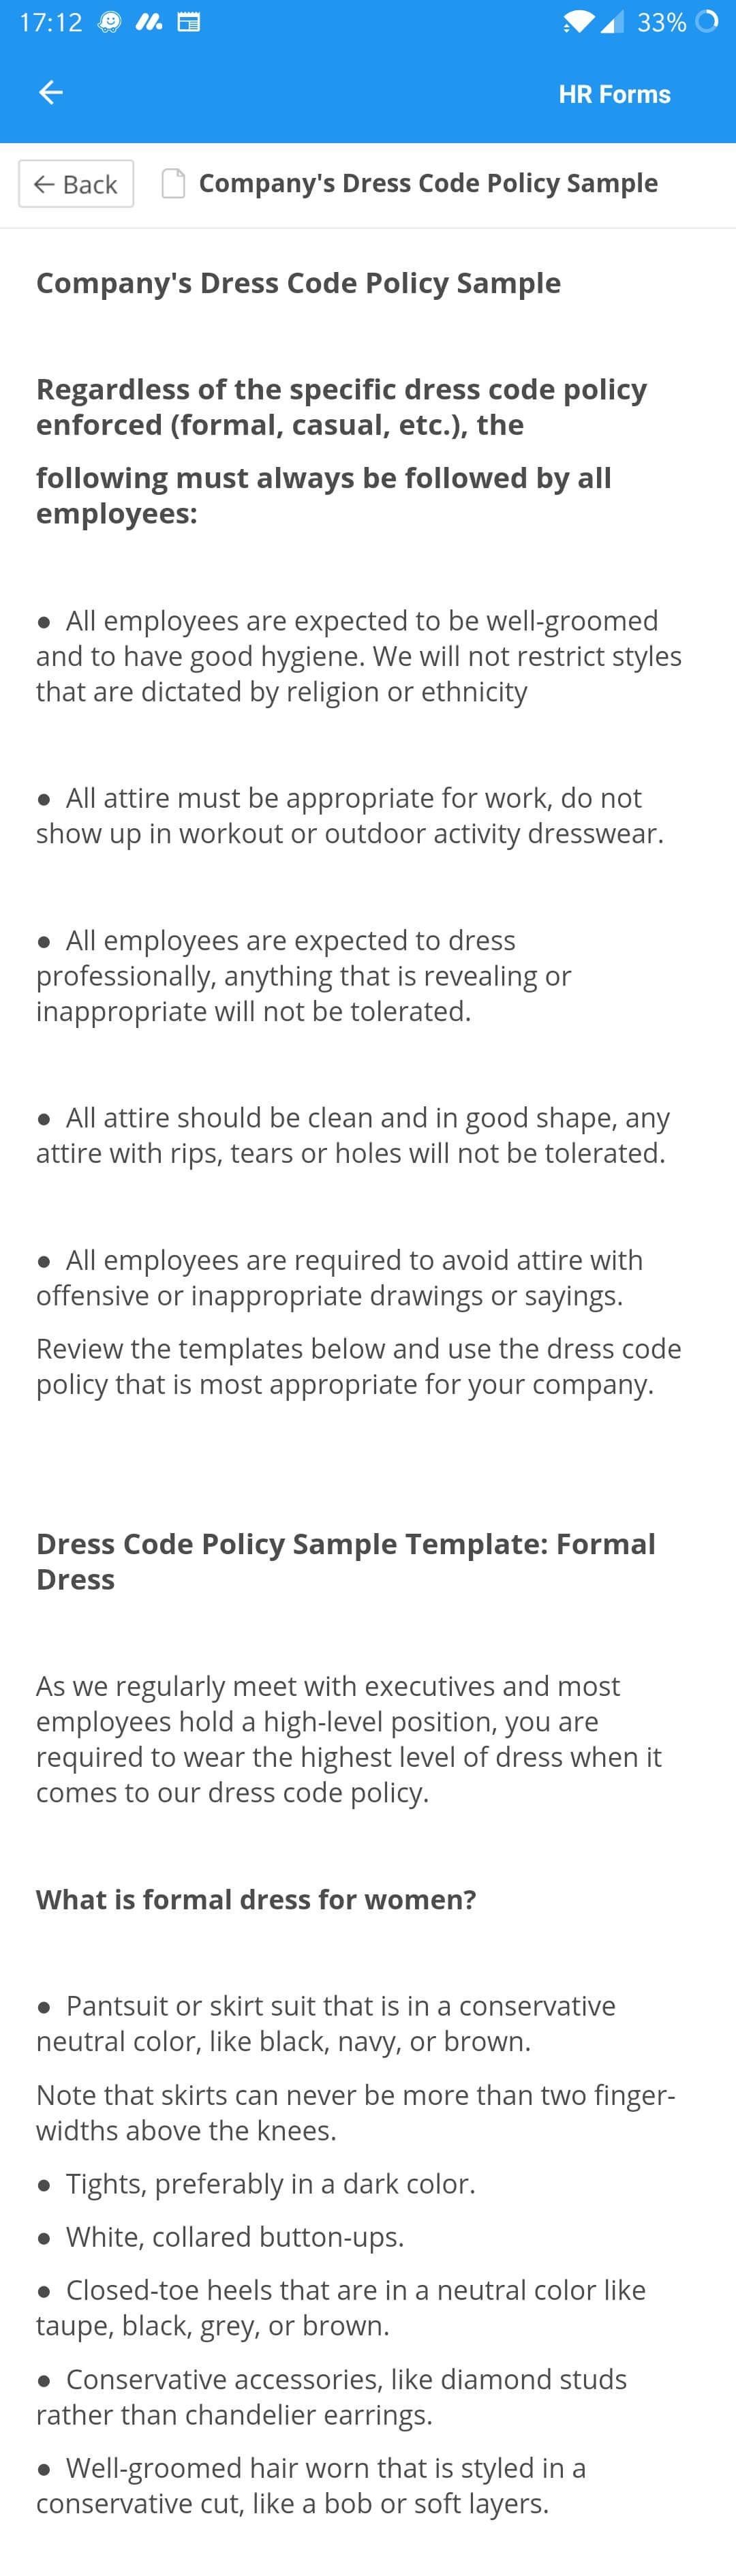 003 Fantastic Dres Code Policy Template Idea  Work Uk Sample Casual MemoFull